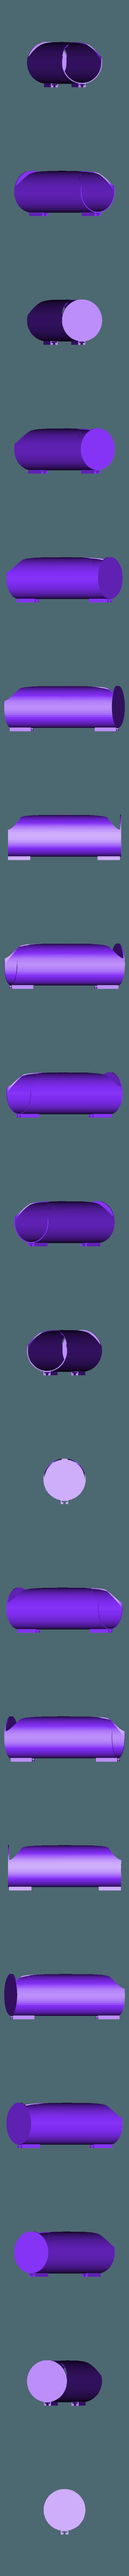 tube senseo.stl Télécharger fichier STL Distributeur dosettes Senseo tournant • Plan pour imprimante 3D, lbopok